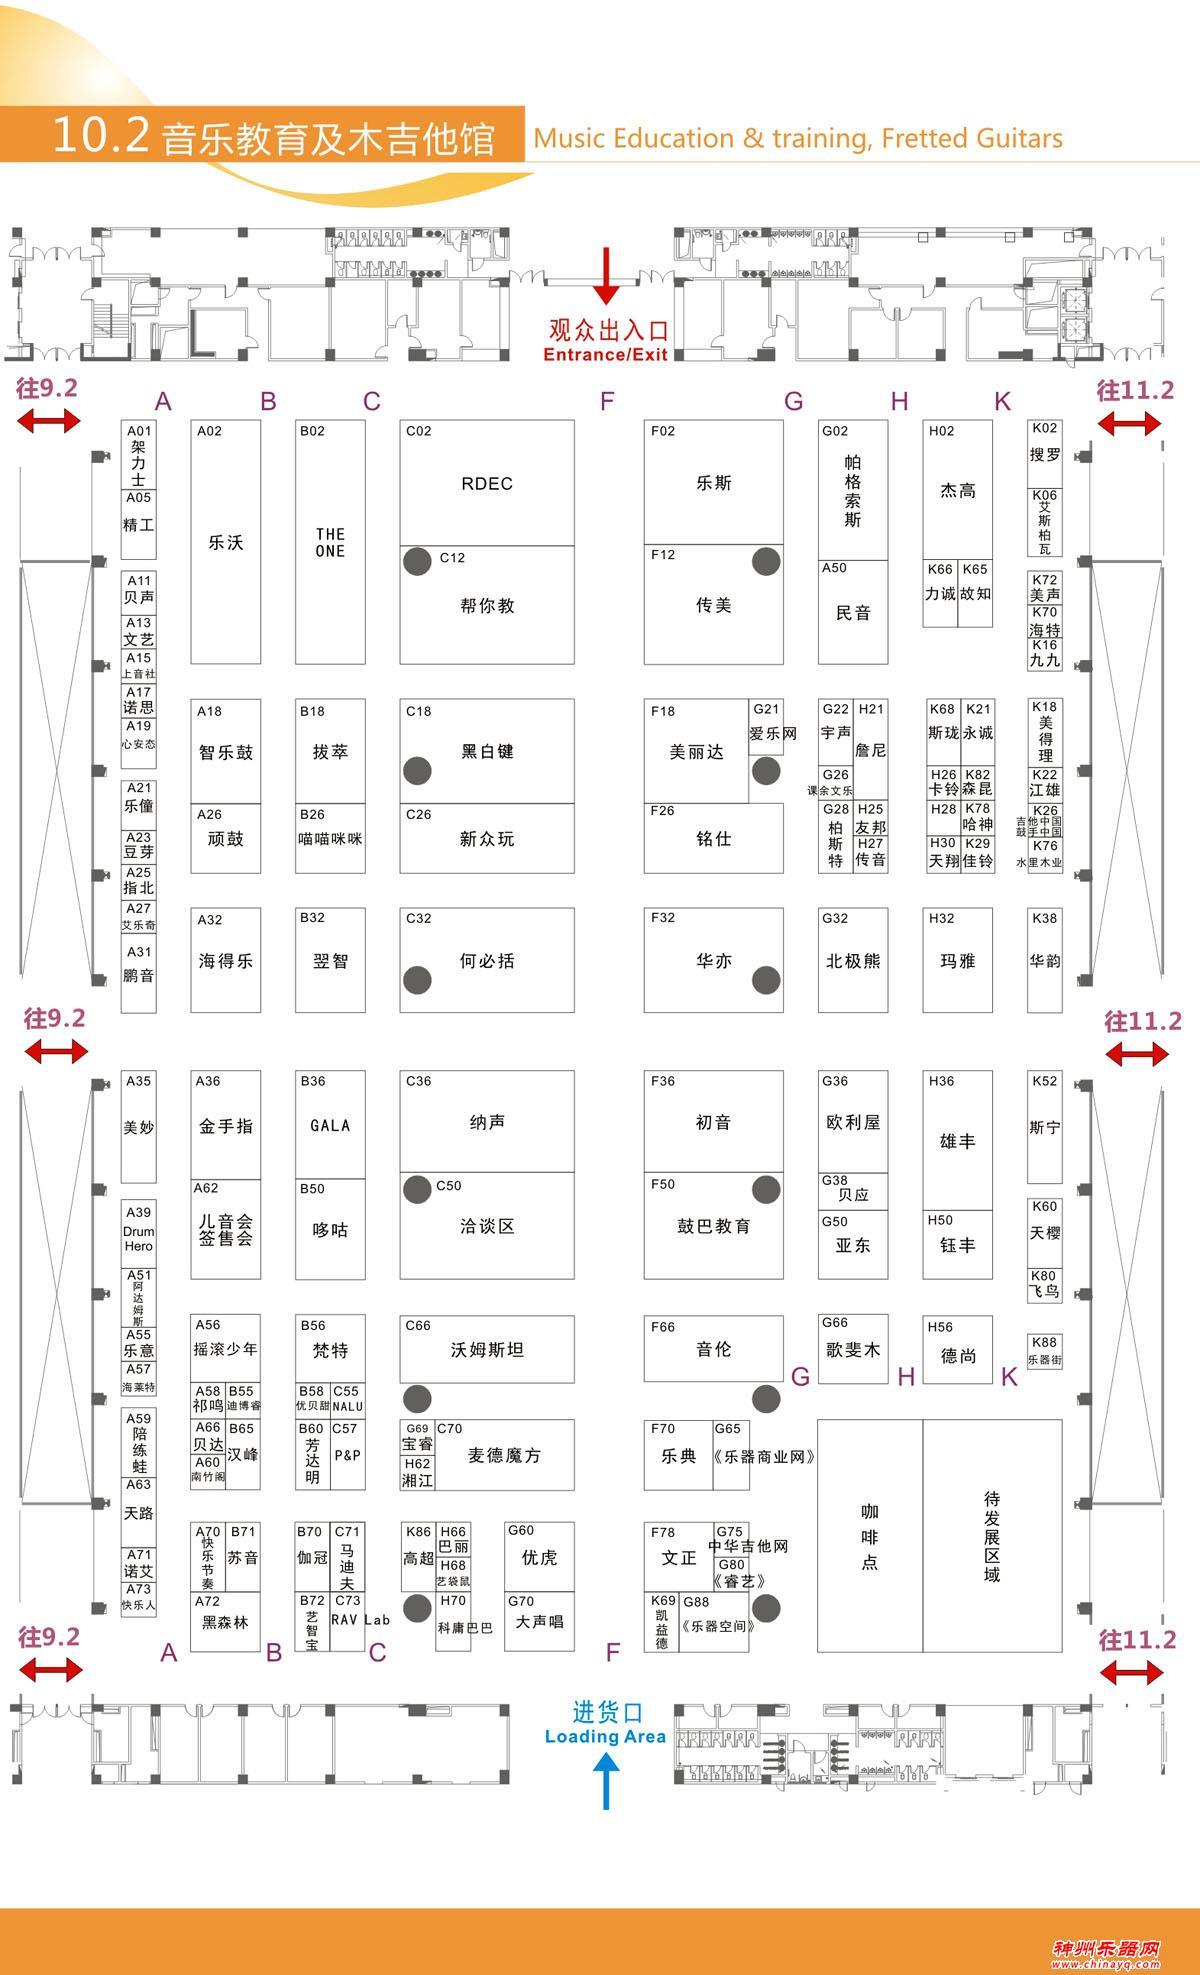 准备好了吗?乐器行业年后第一盛会广州国际乐器展即将开幕